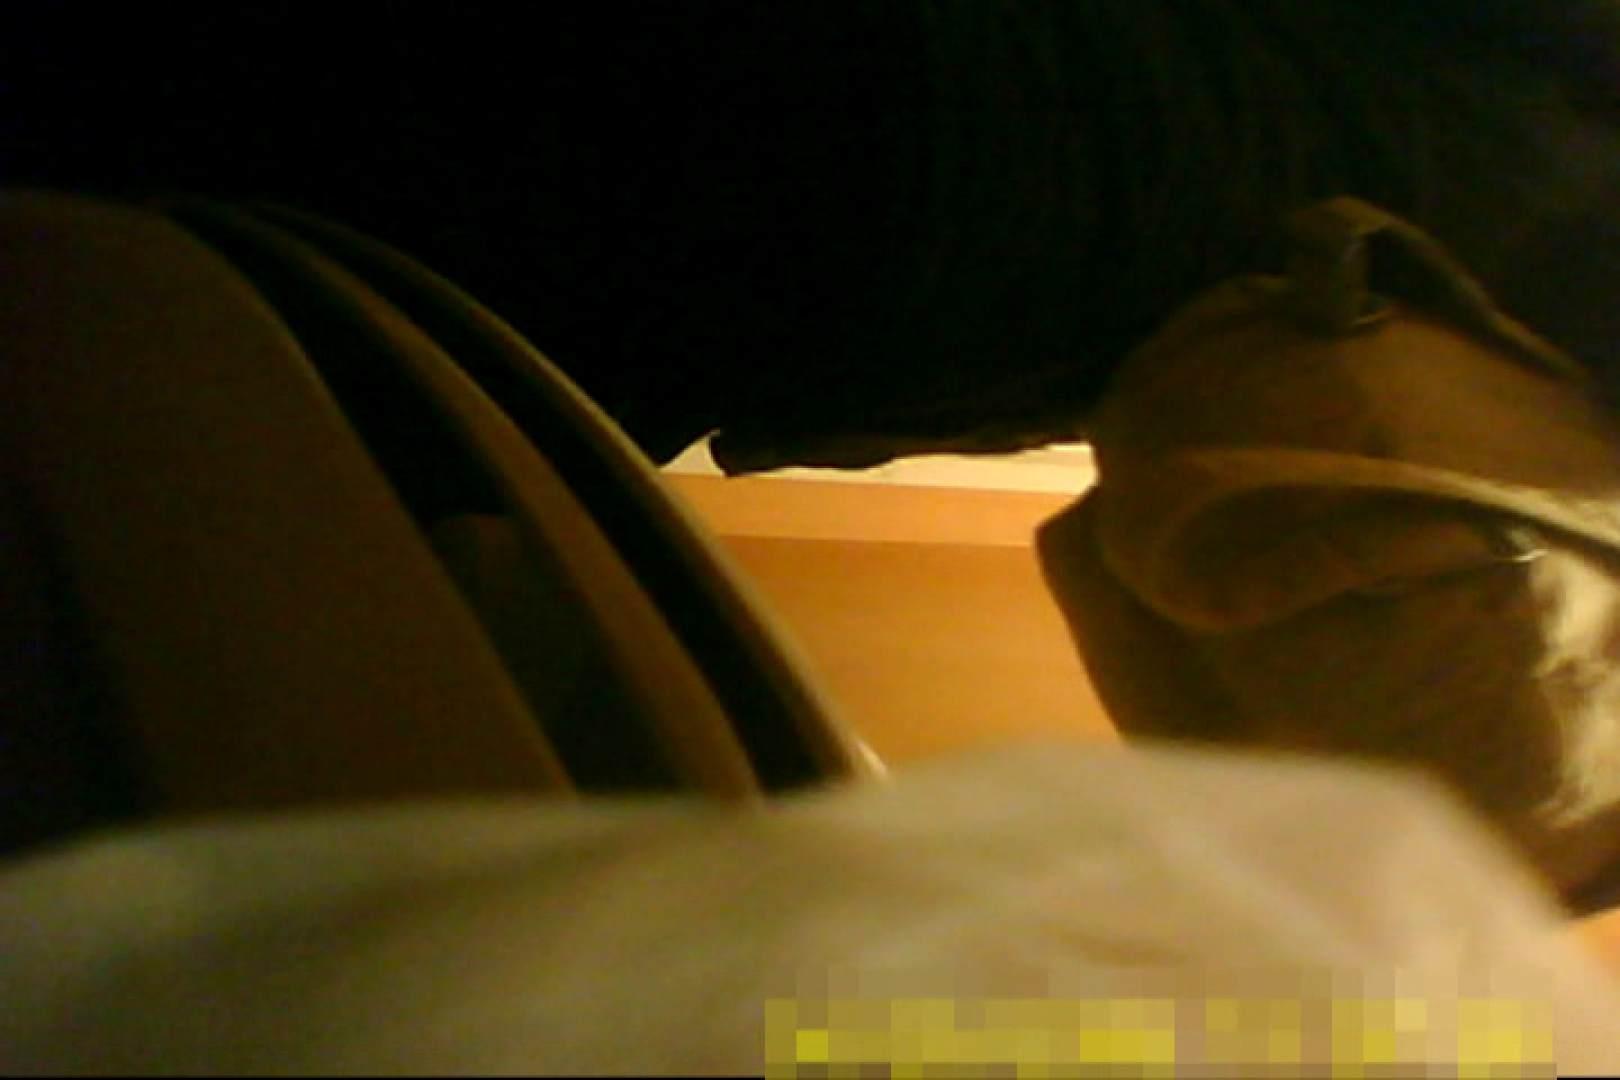 魅惑の化粧室~禁断のプライベート空間~vol.10 盗撮師作品 エロ無料画像 102pic 35